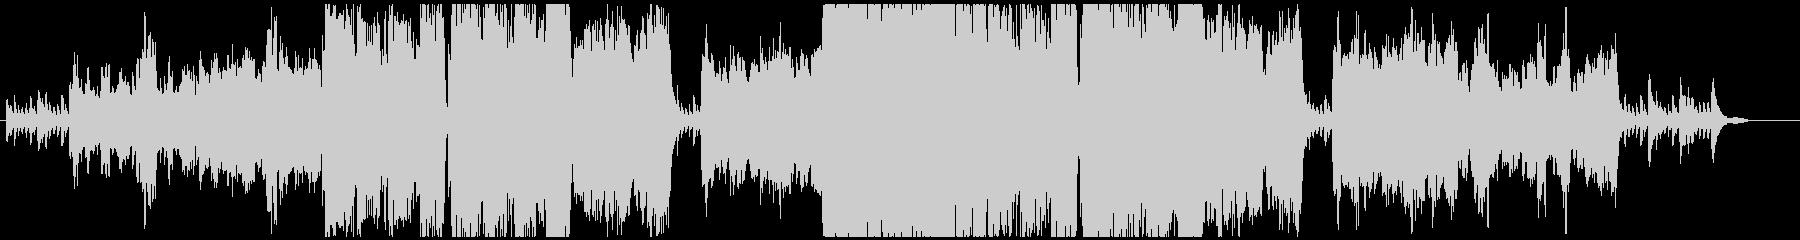 悲しいオーボエとピアノの未再生の波形